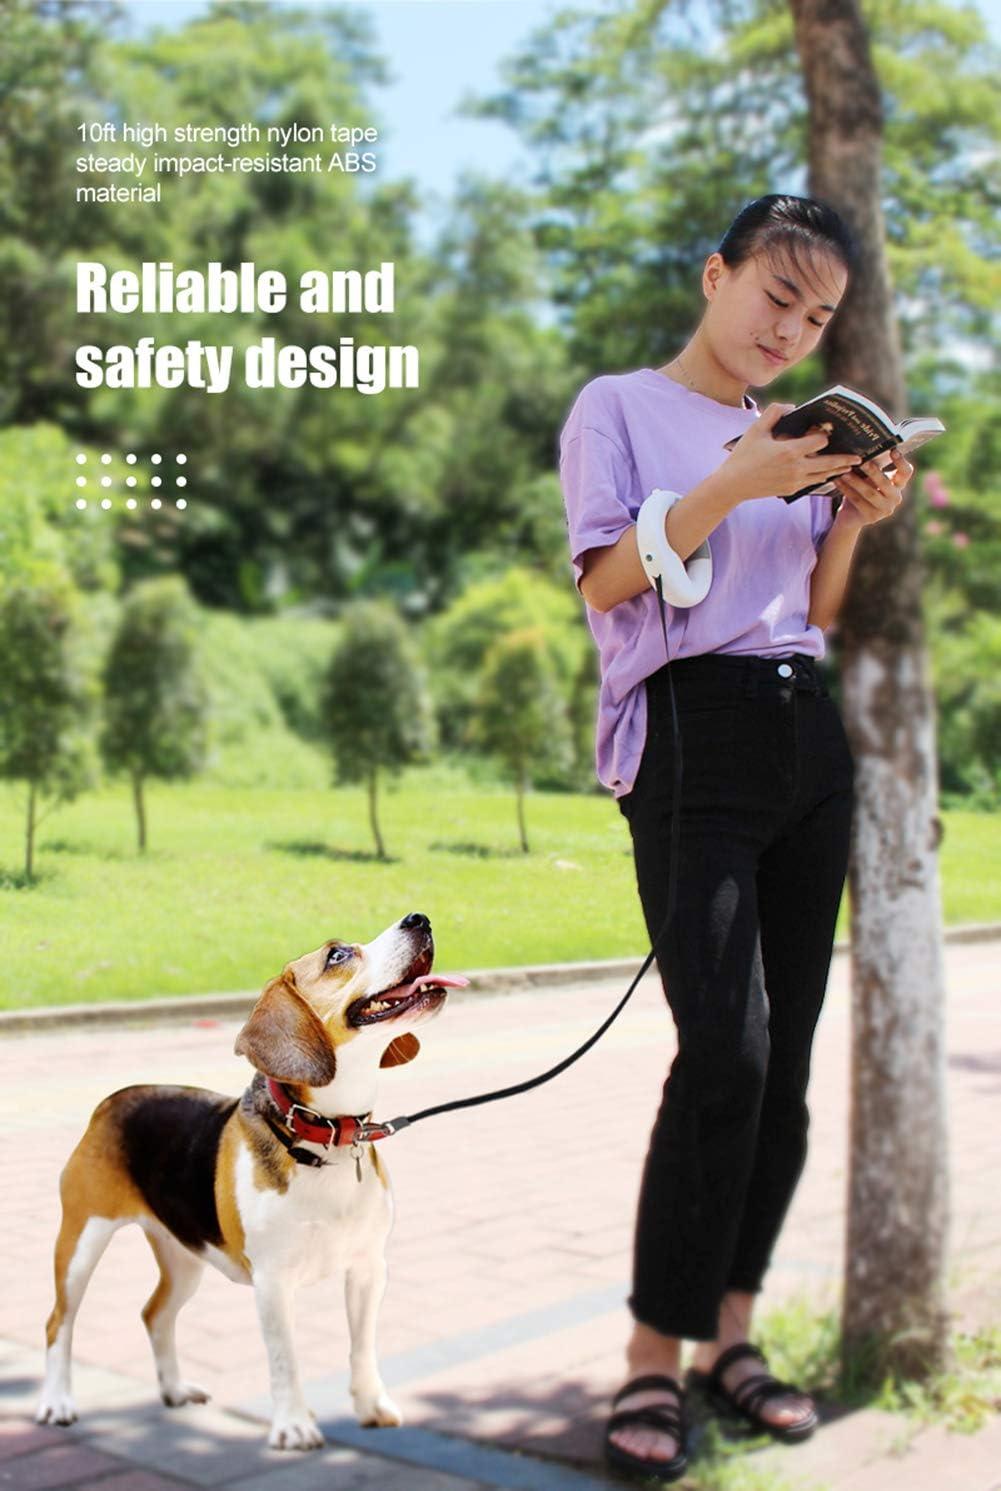 3 m correa de perro port/átil extensible con iluminaci/ón nocturna para mascotas peque/ñas y medianas ajustable autom/áticamente Correa para perros cuerda de tracci/ón correa de nailon retr/áctil